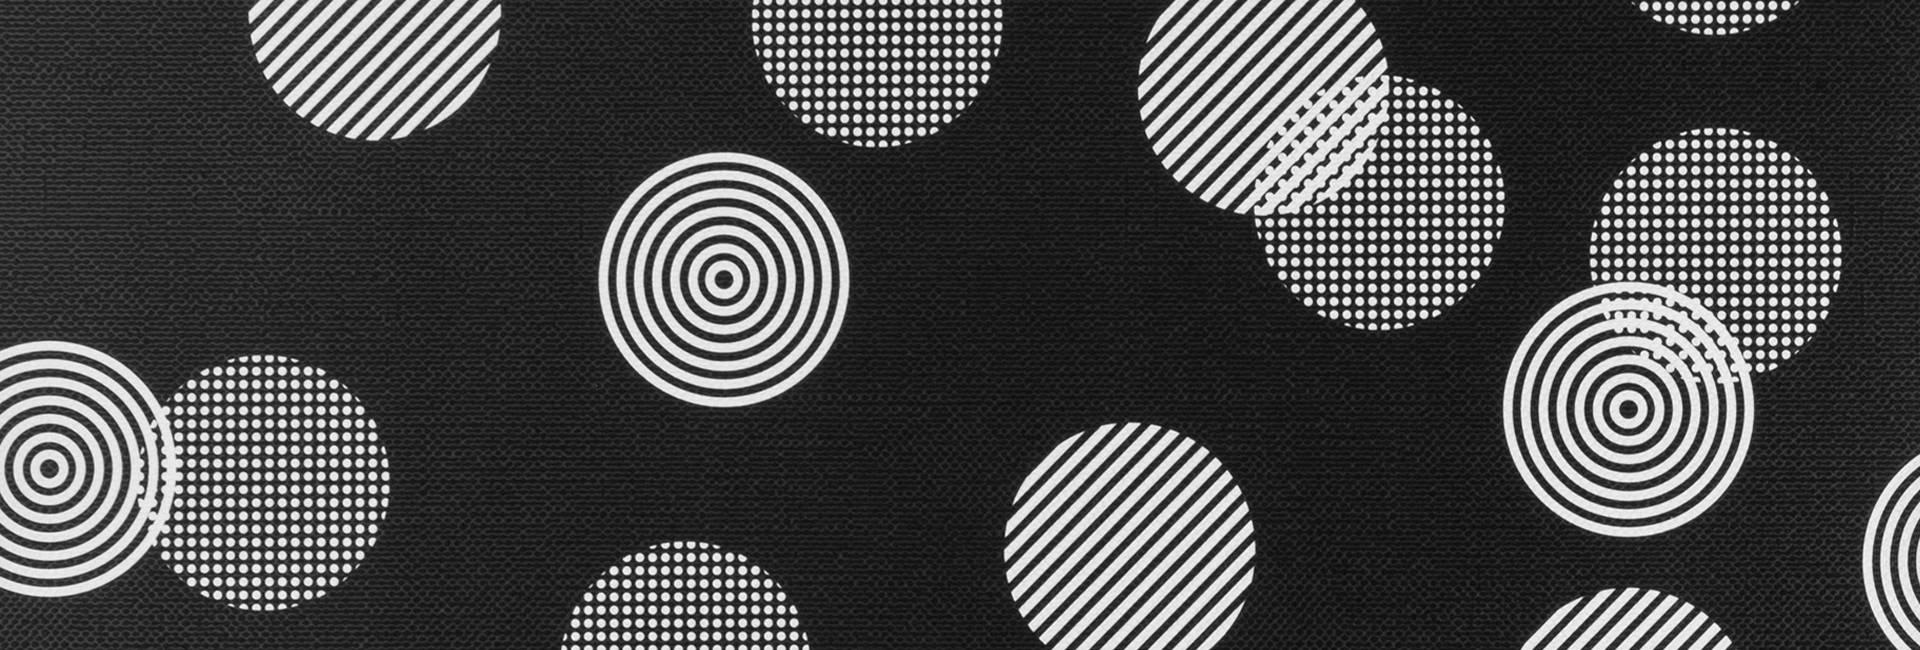 Design Milk 15 pattern